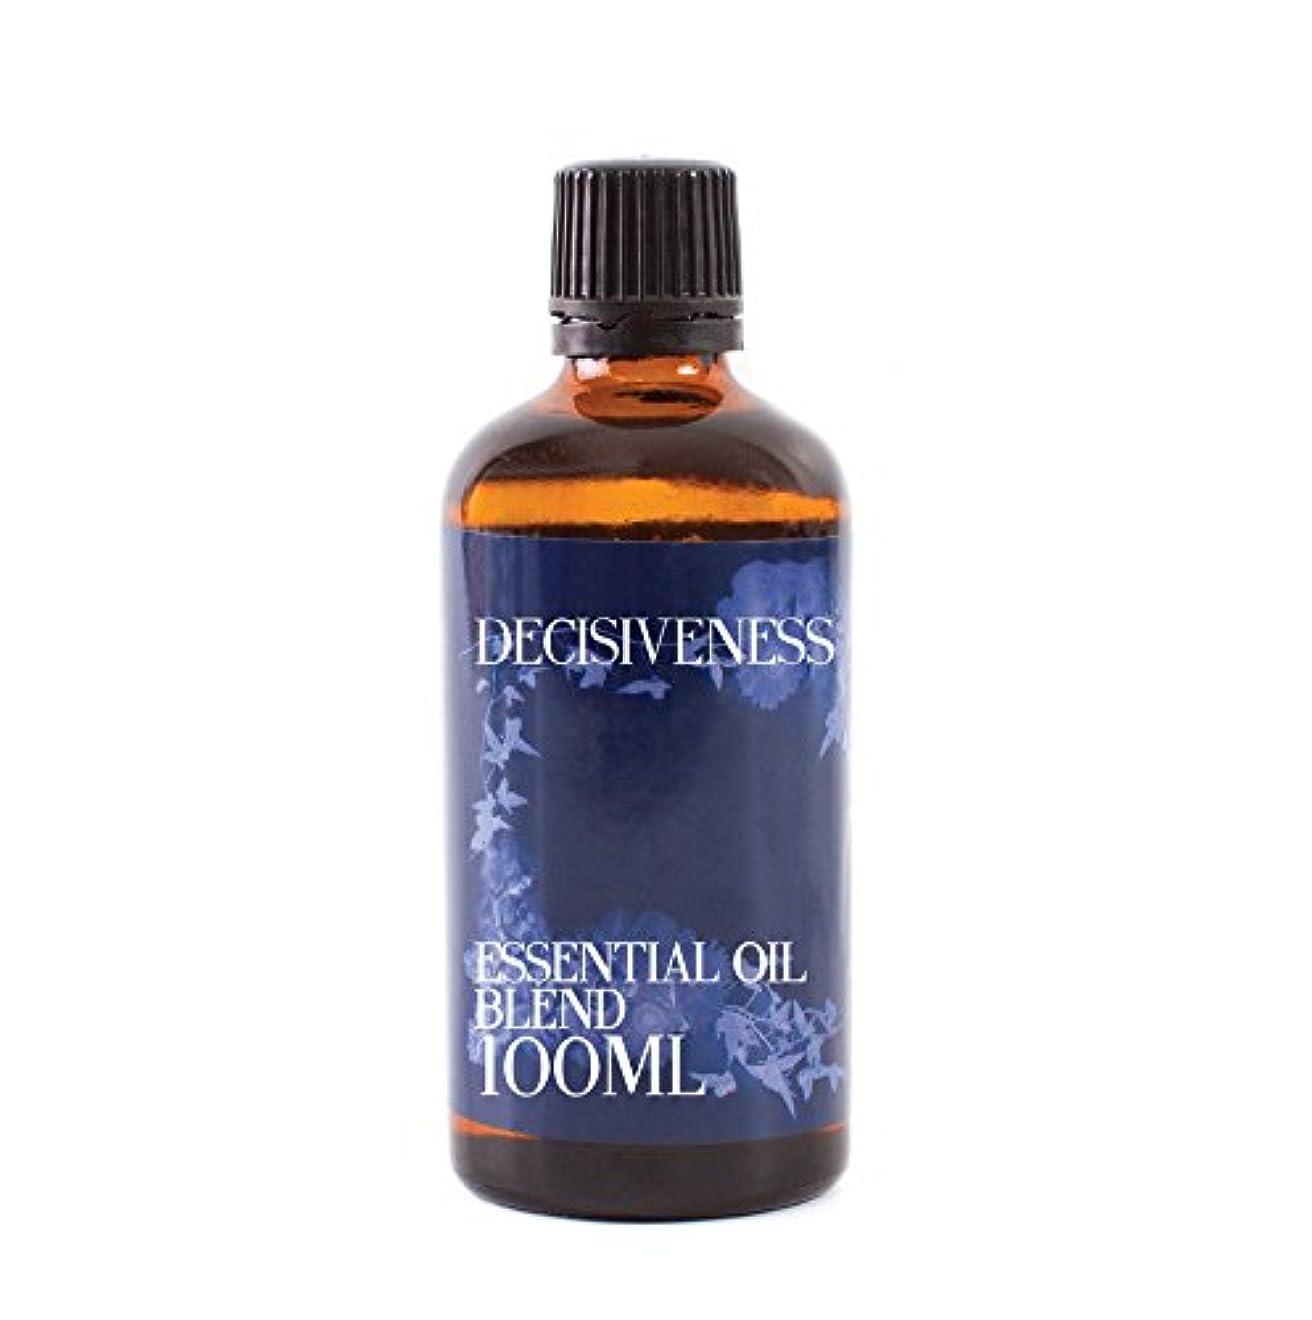 側溝ほめるパプアニューギニアMystic Moments | Decisiveness Essential Oil Blend - 100ml - 100% Pure